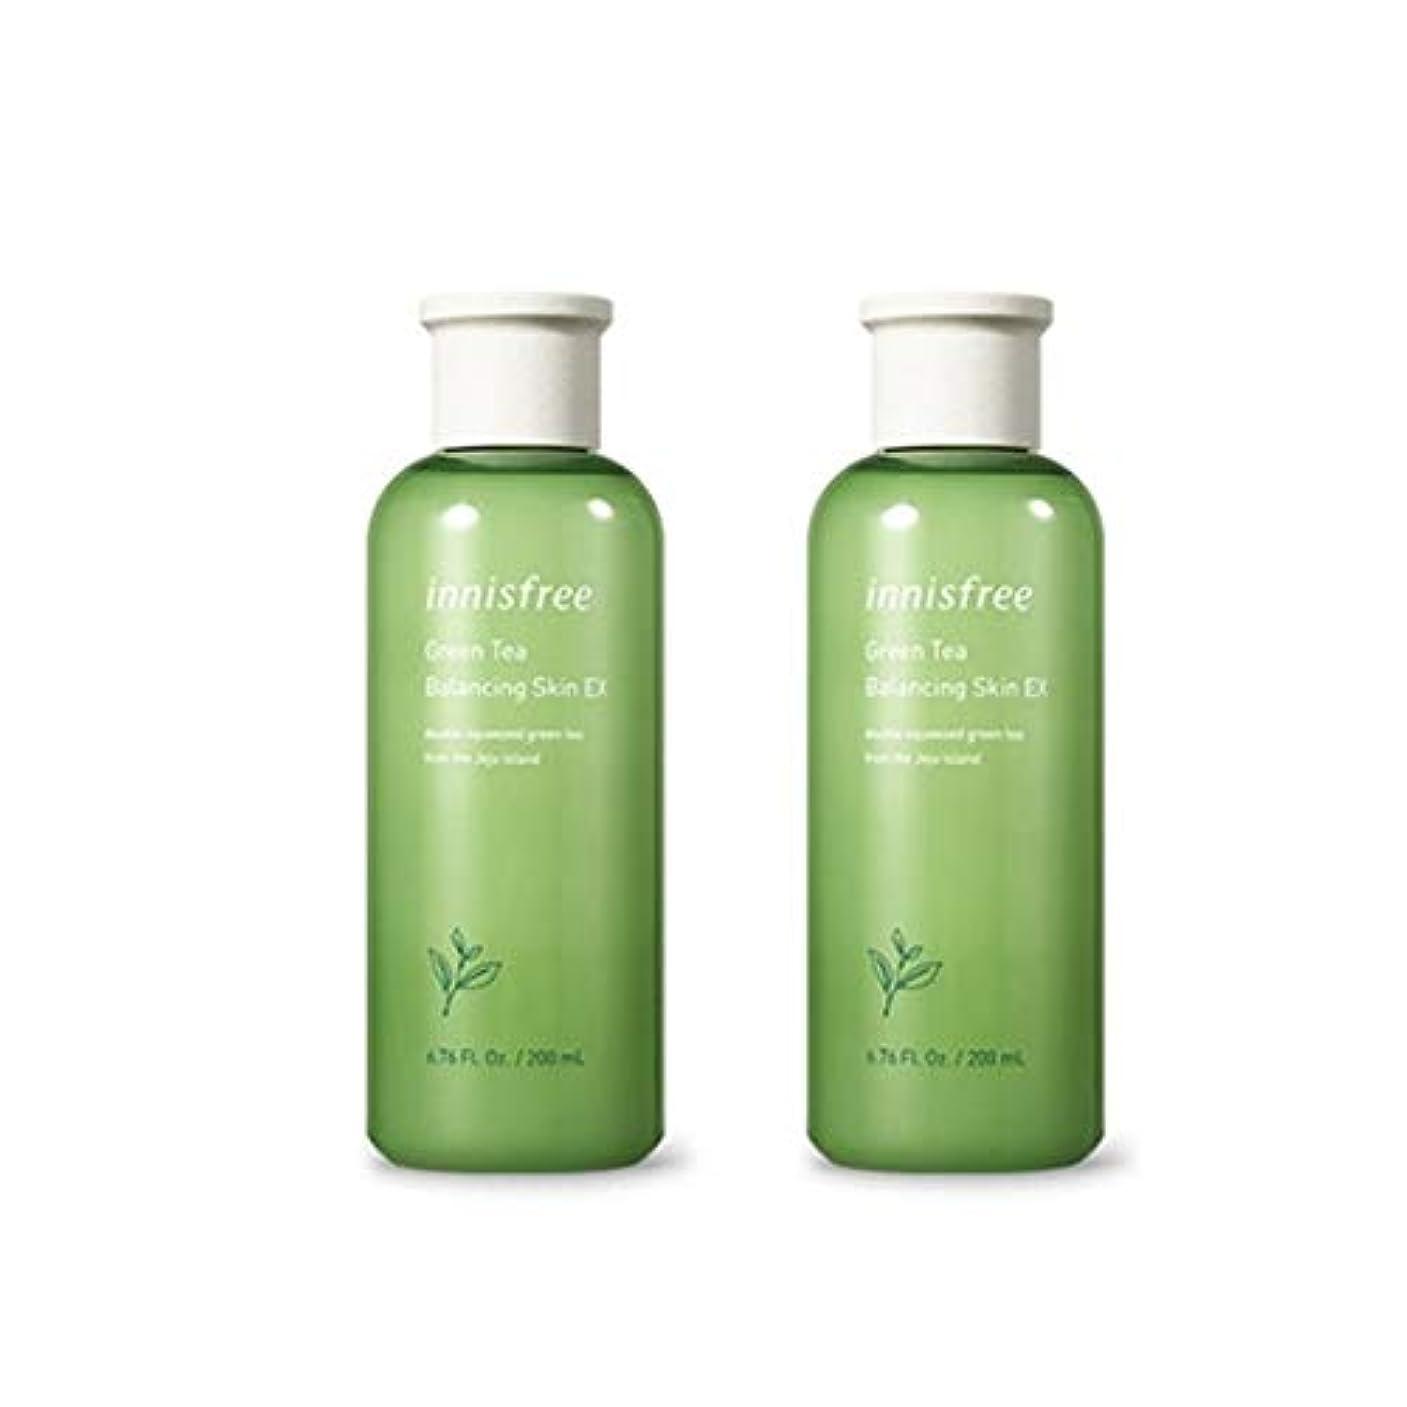 戦い直立矢印イニスフリーグリーンティーバランシングスキンEX 200mlx2本セット韓国コスメ、innisfree Green Tea Balancing Skin EX 200ml x 2ea Set Korean Cosmetics...